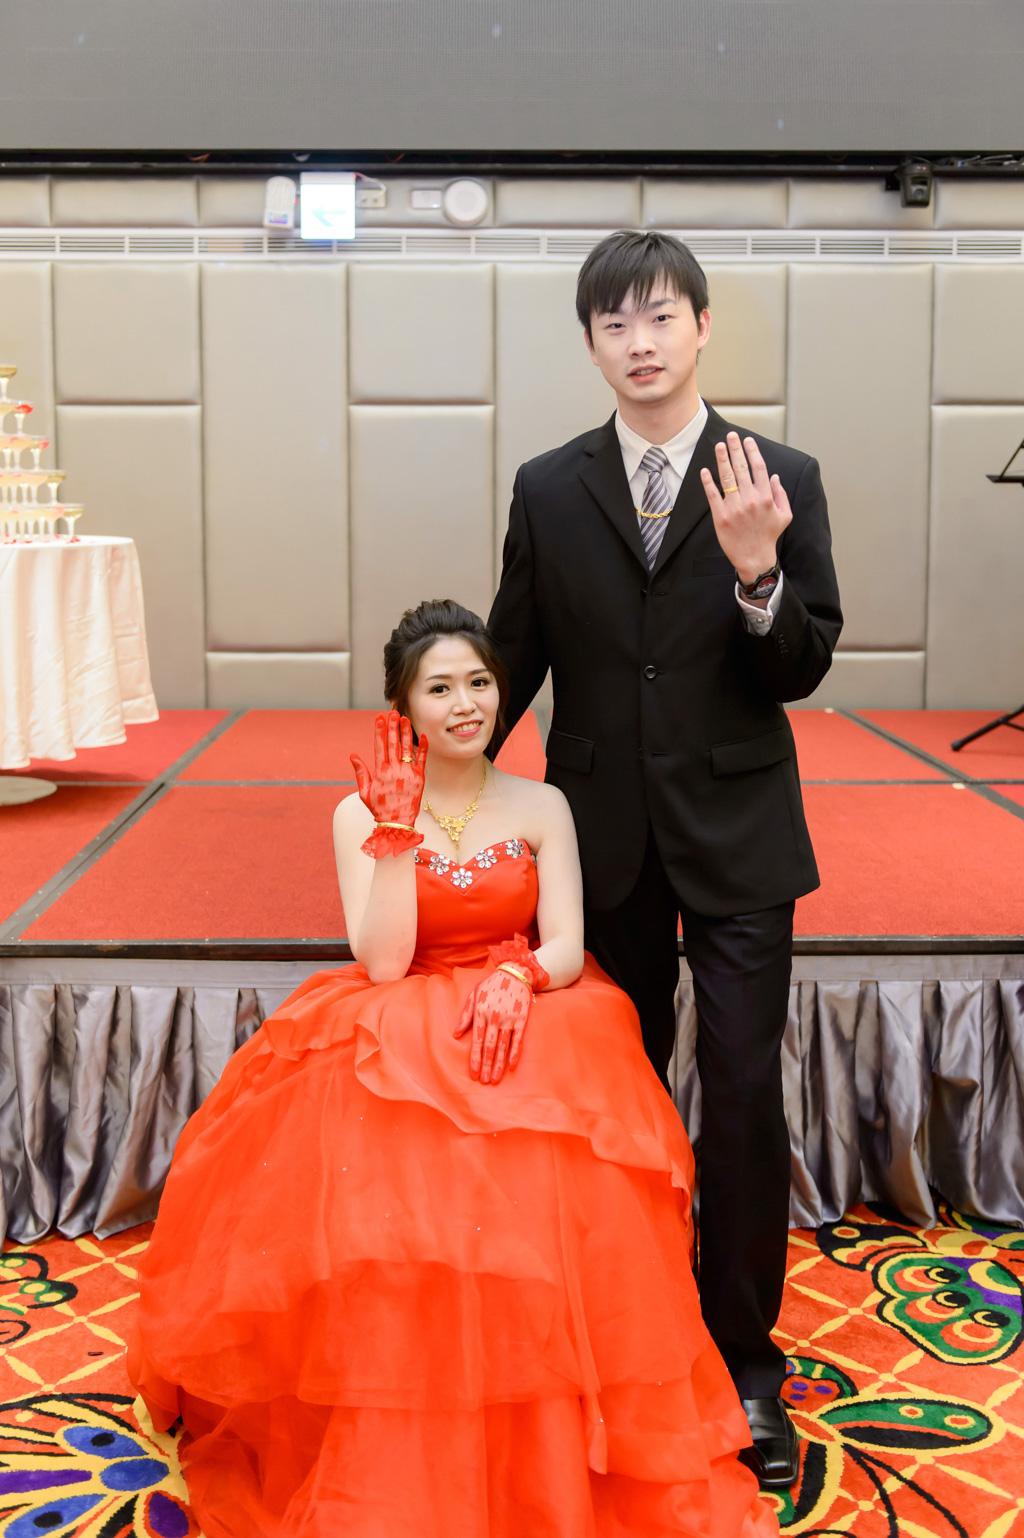 婚攝小勇, 小寶團隊, 台北婚攝, 新竹風采, 新竹風采婚宴, 新竹風采婚攝, wedding day-028